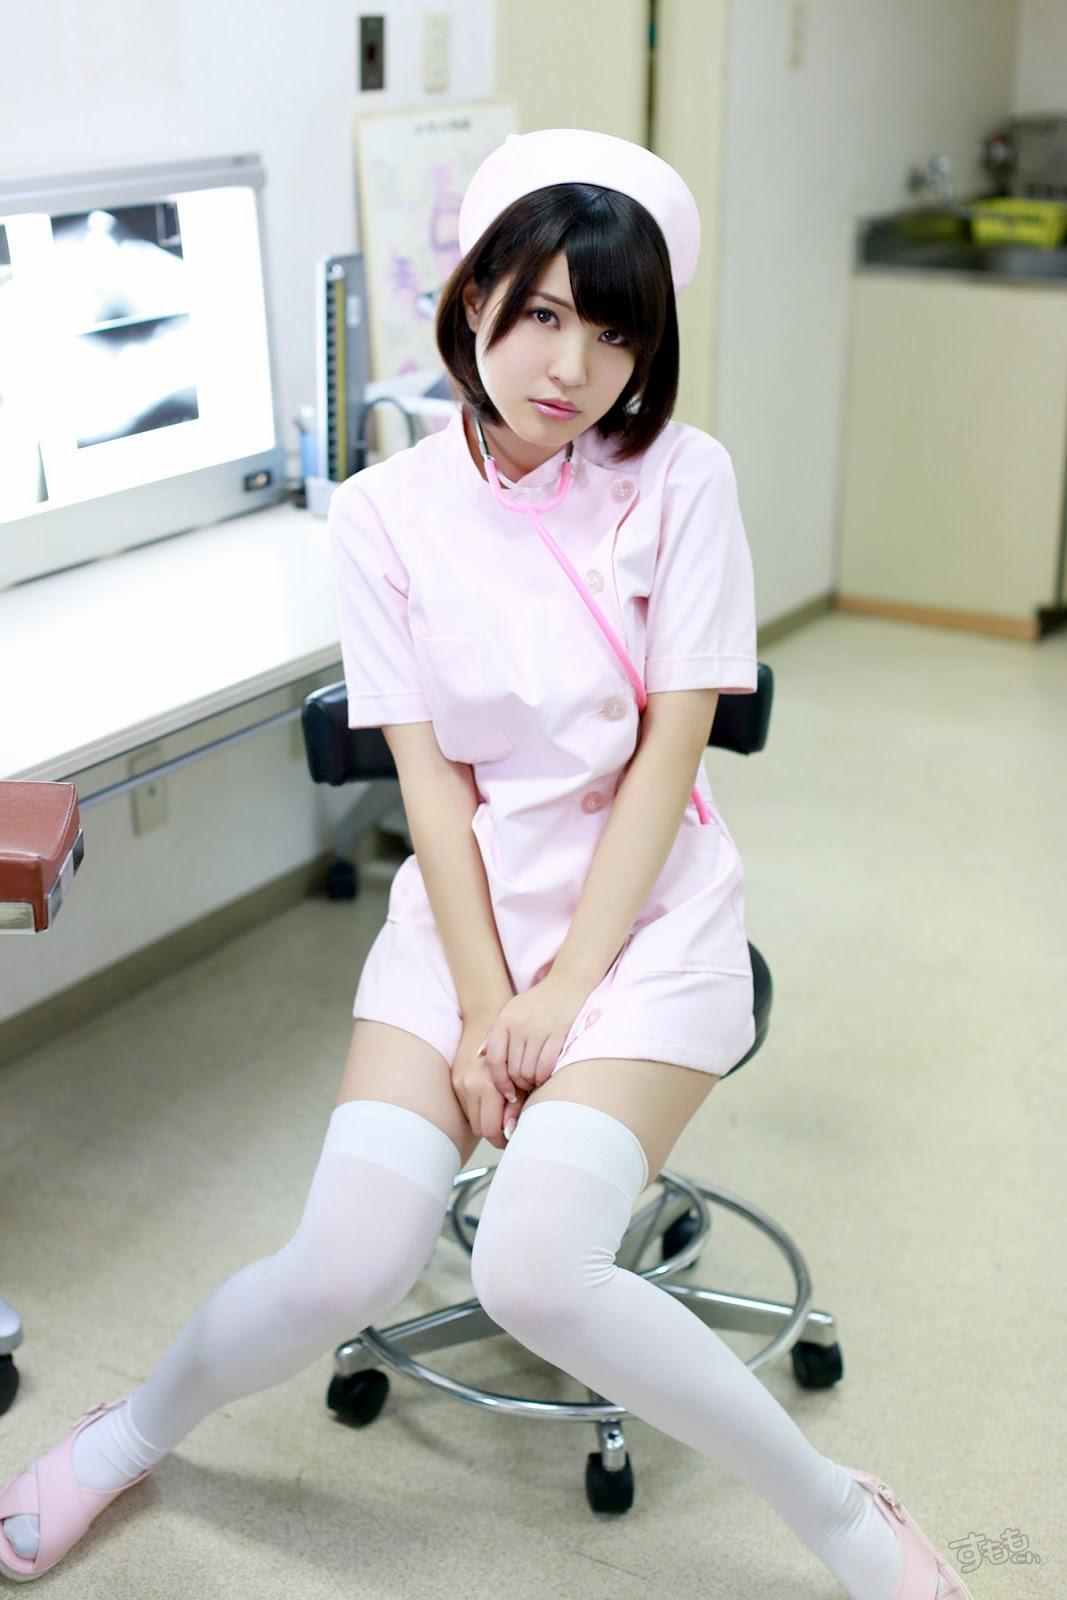 nurse_5317-018